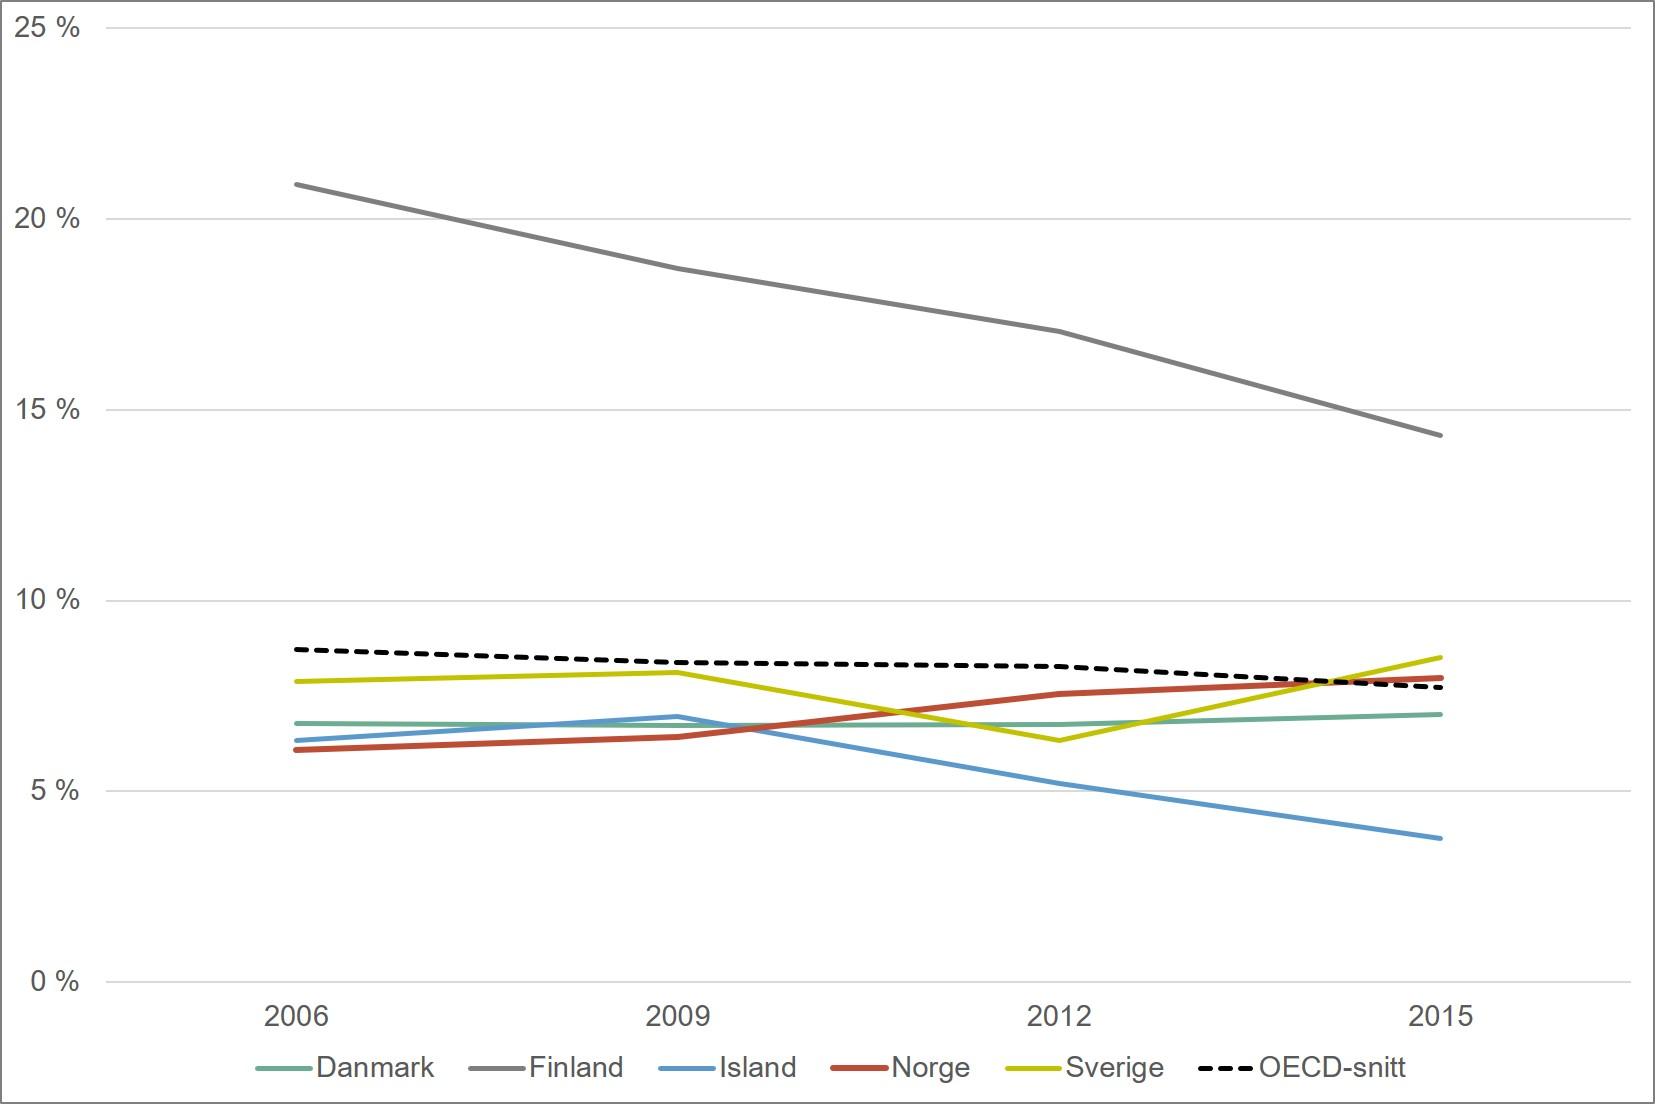 Andel elever som skårer på nivå 5 eller høyere på PISA-testen i naturfag. Norden og OECD. 2005-2015. Merknad: OECD har blitt utvidet i perioden 2009-2015, slik at OECD-snittet ikke er helt sammenliknbart over denne perioden.